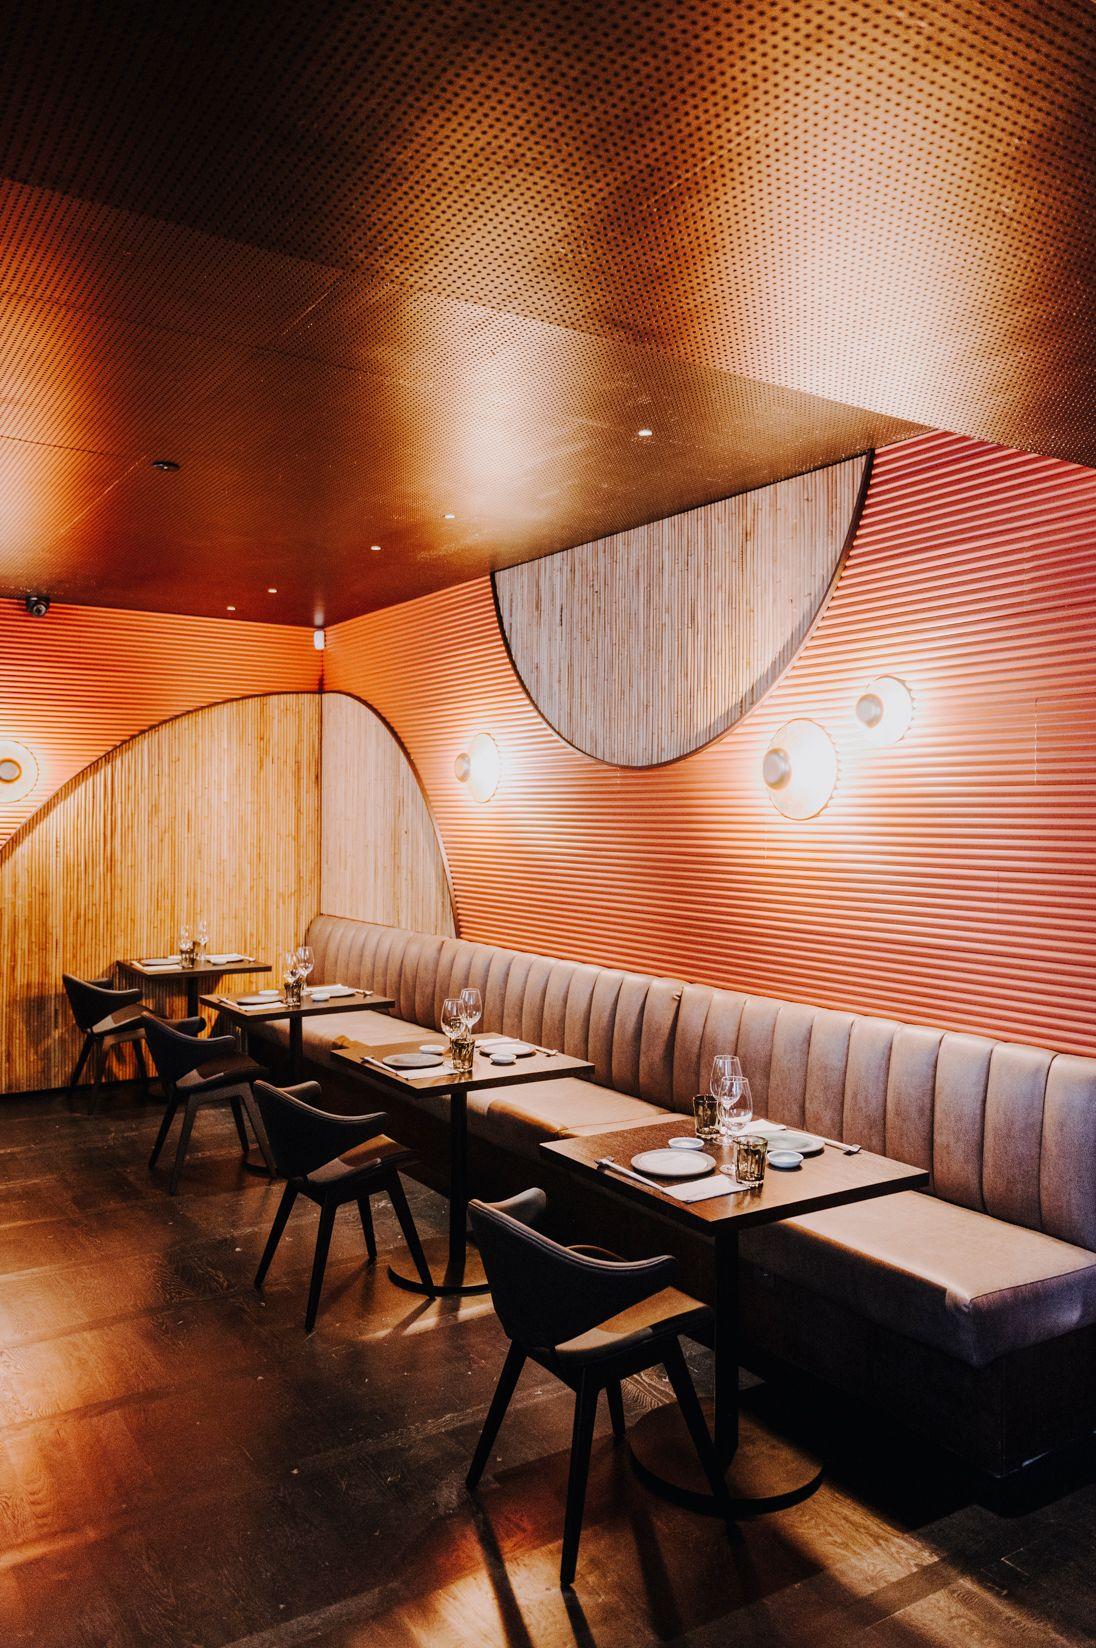 Interior del restaurante Nomo Braganza / Foto: Nomo Braganza